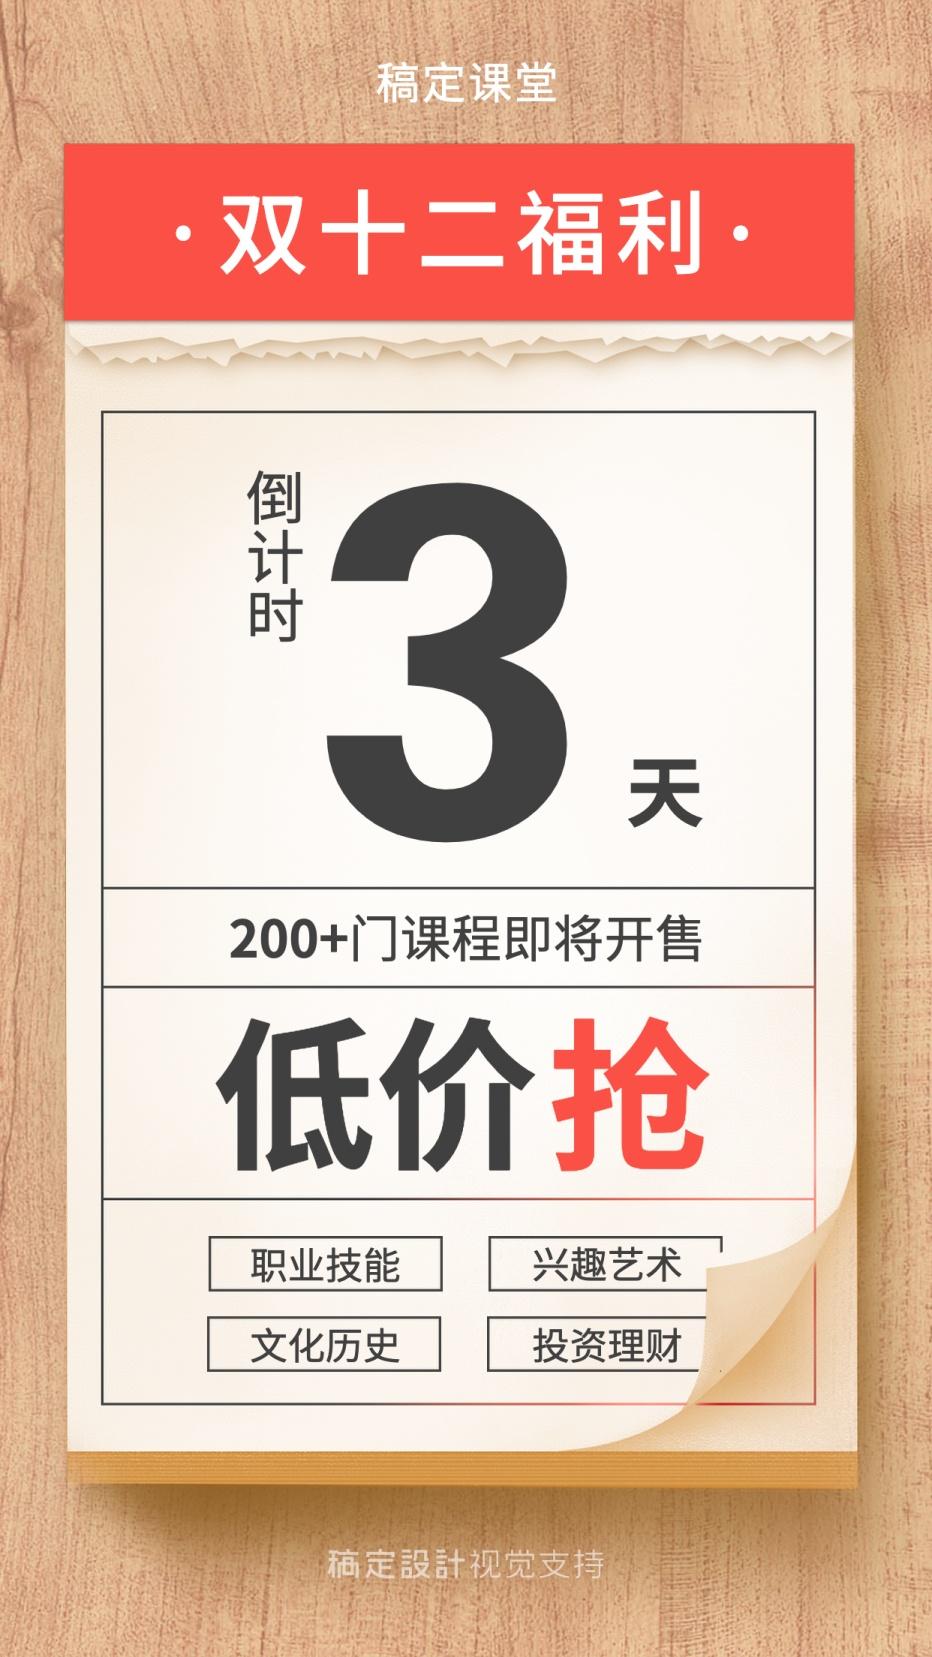 双十二/双12/倒计时/日历/课程促销